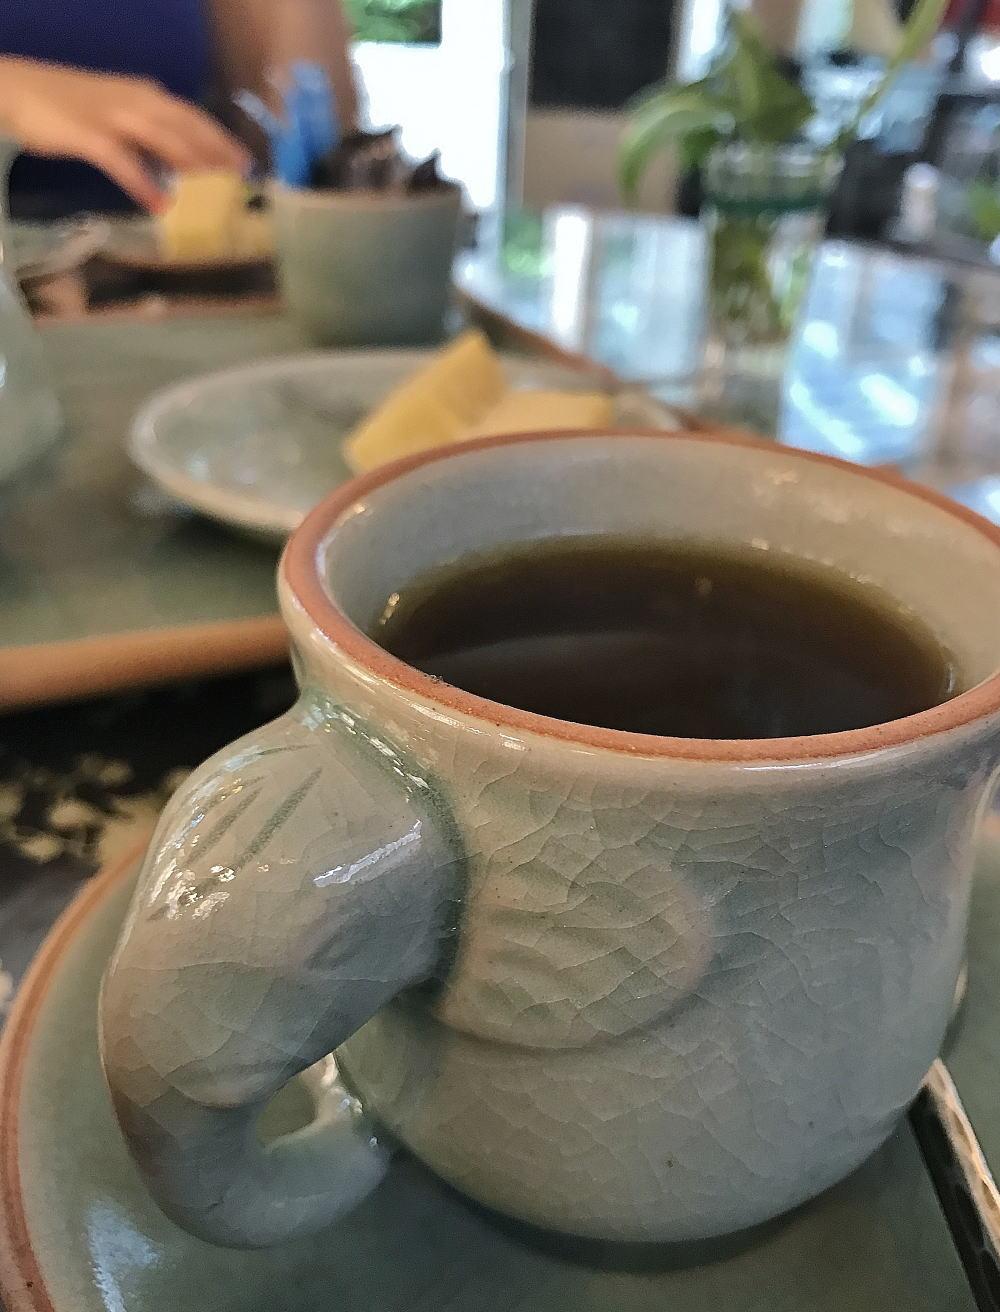 セラドン焼き 象のマグカップ